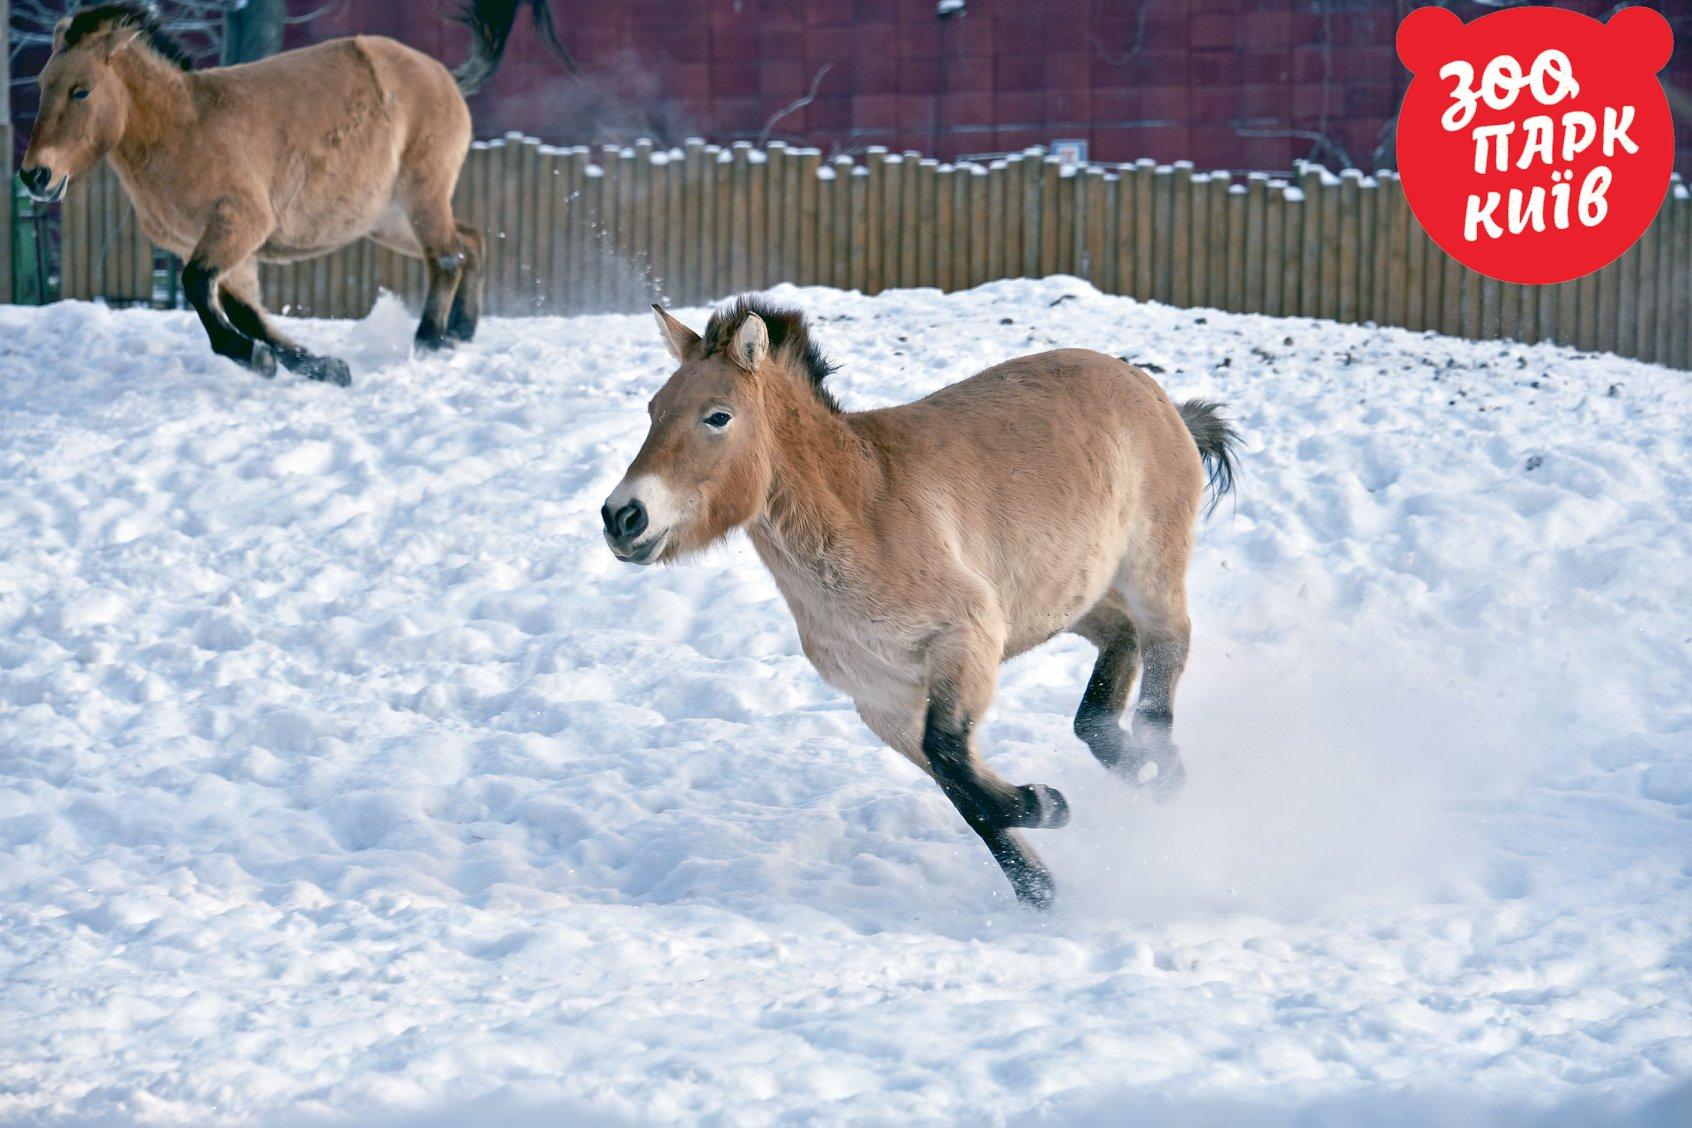 Милые пони устраивают гонки в снегу